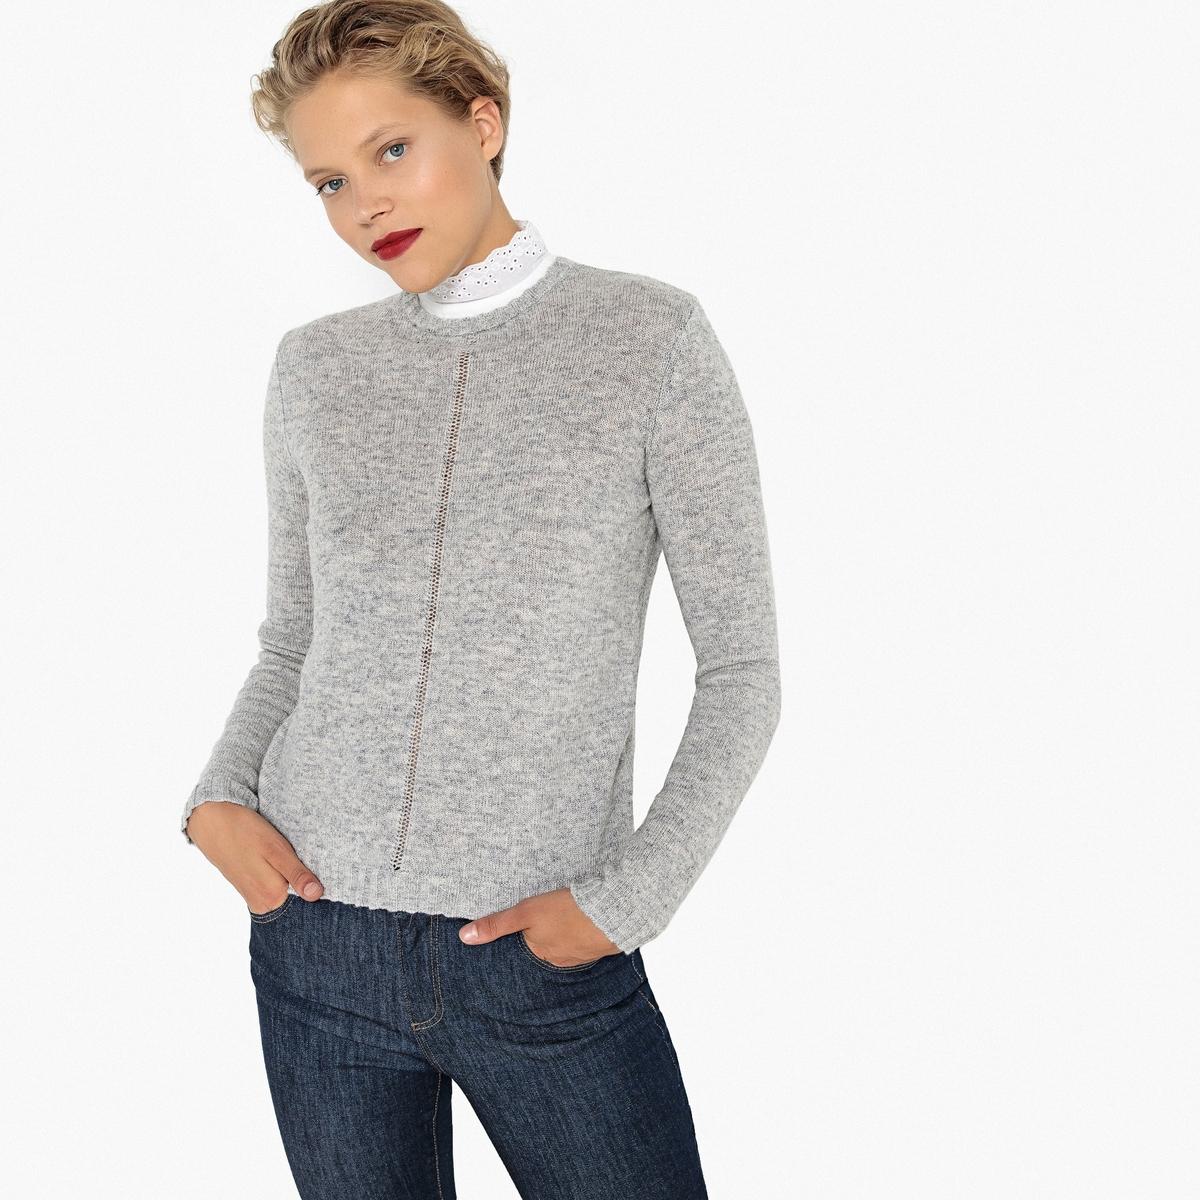 Jersey con cuello camisero de lana mezclada